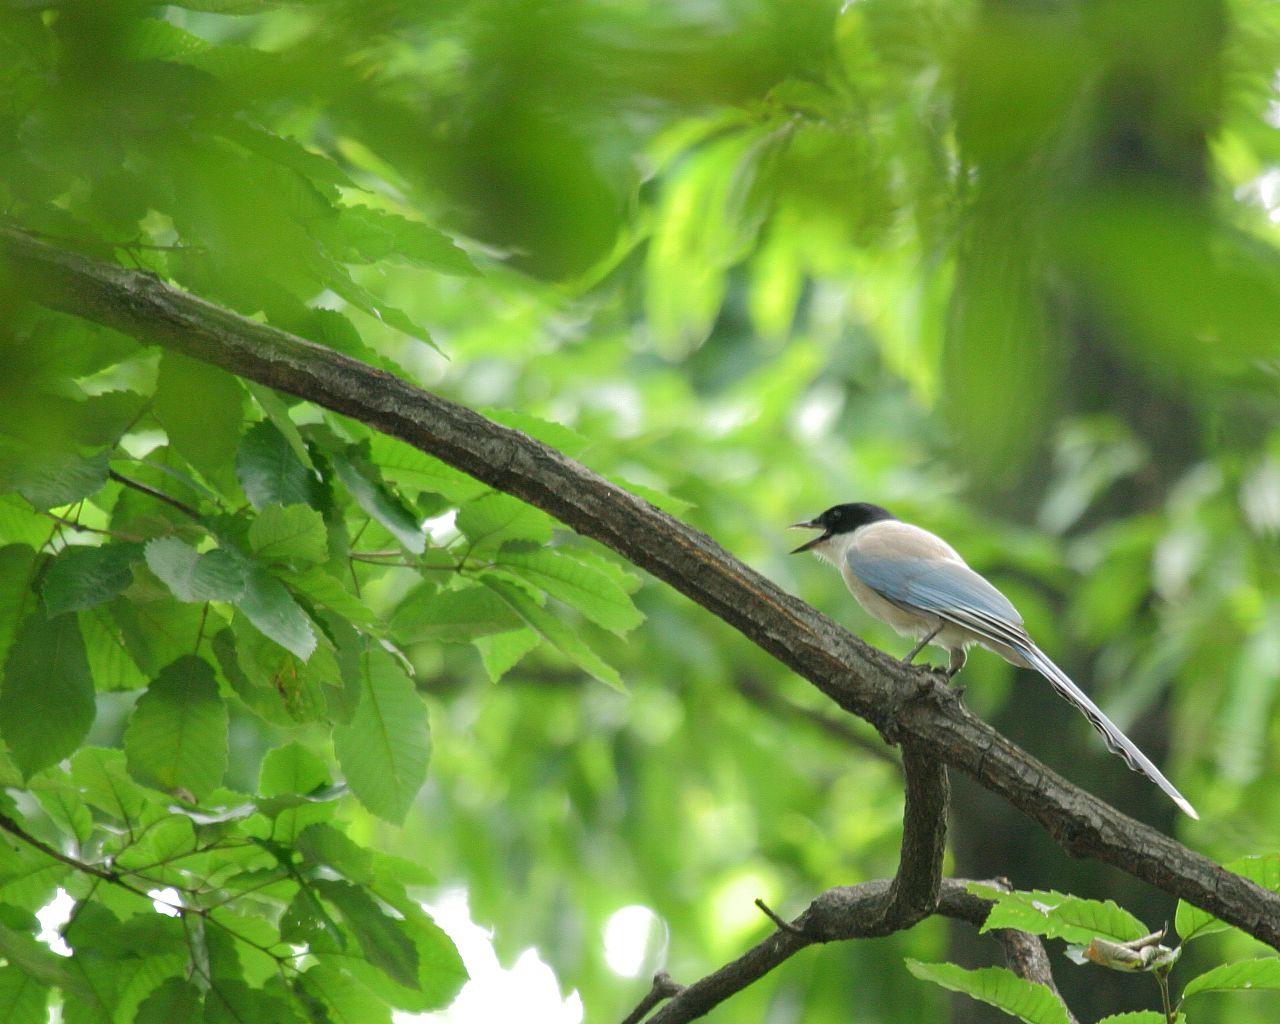 厚木神社のオナガ(野鳥の壁紙あり)_f0105570_20709.jpg